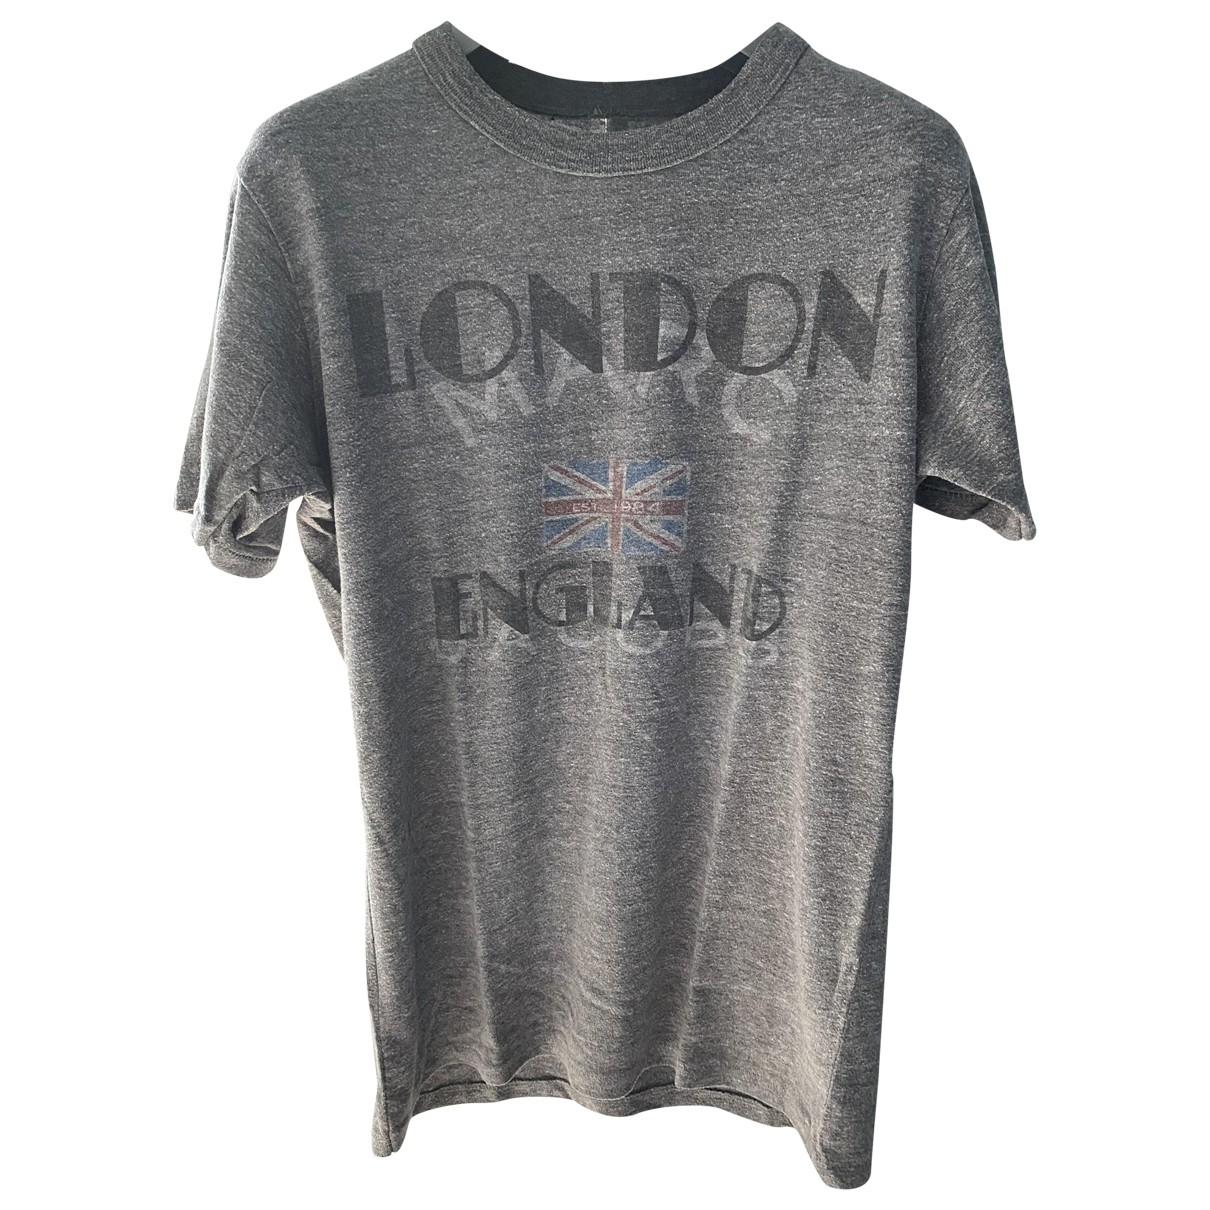 Marc Jacobs - Tee shirts   pour homme en coton - gris